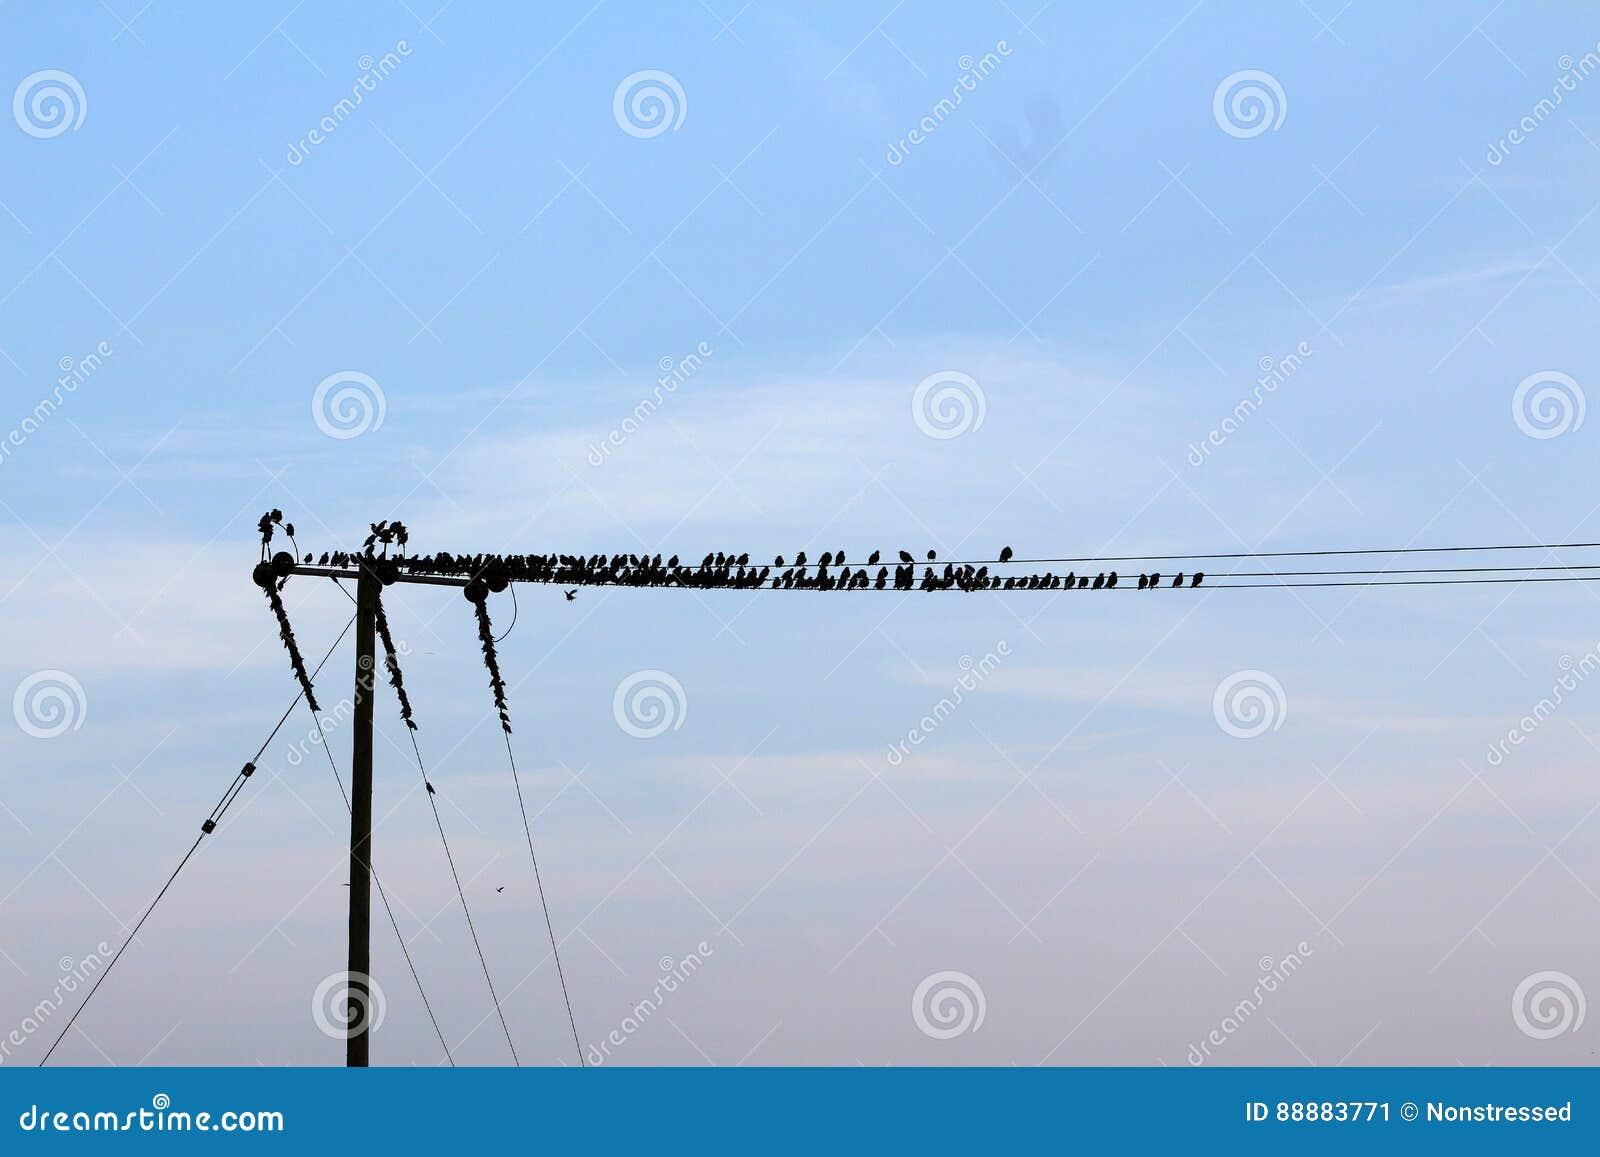 鸟,亚弗列・希治阁